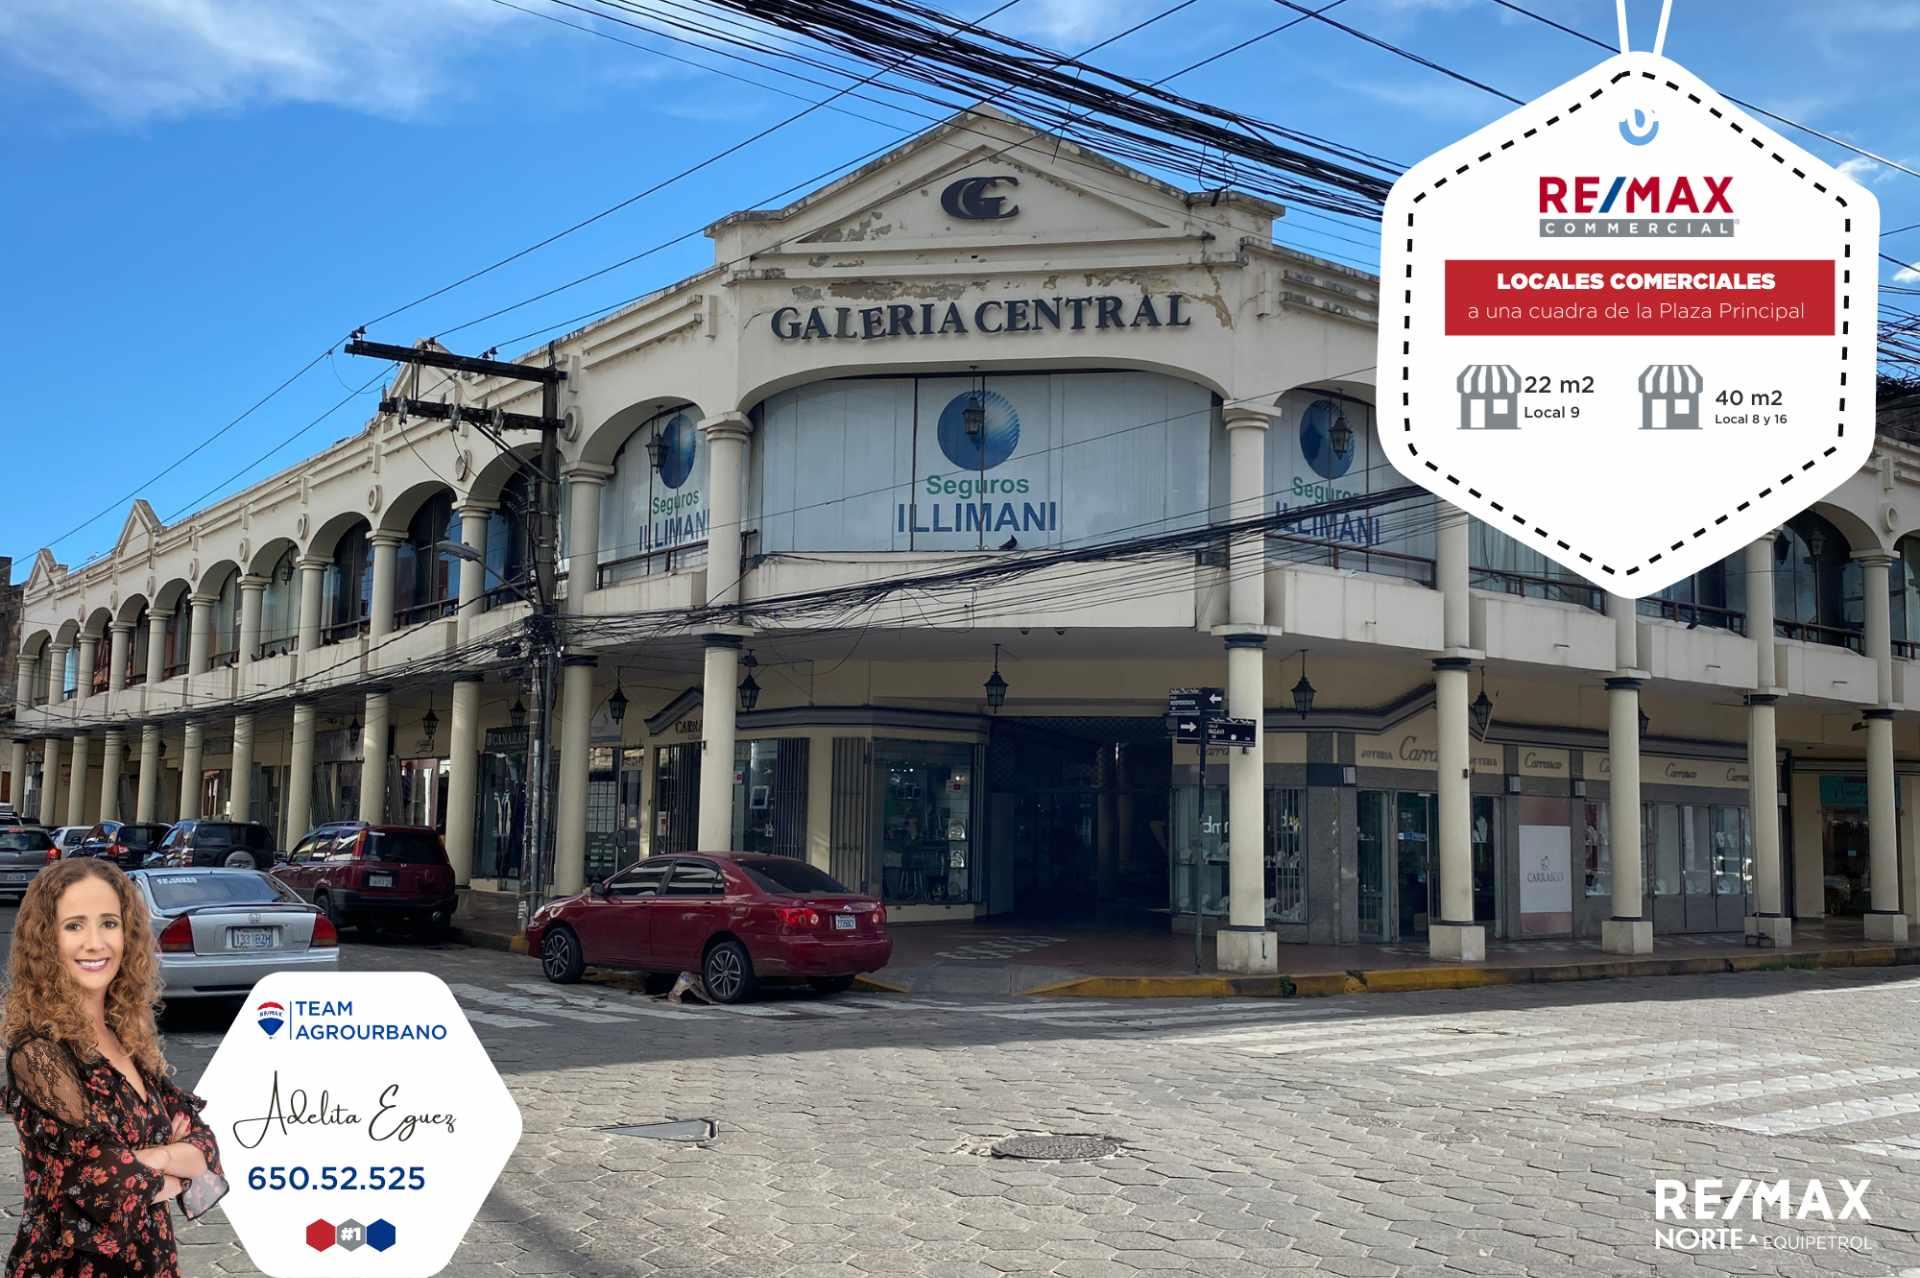 Local comercial en Venta Galería Central, Calle Ingavi esquina calle Independencia Foto 1